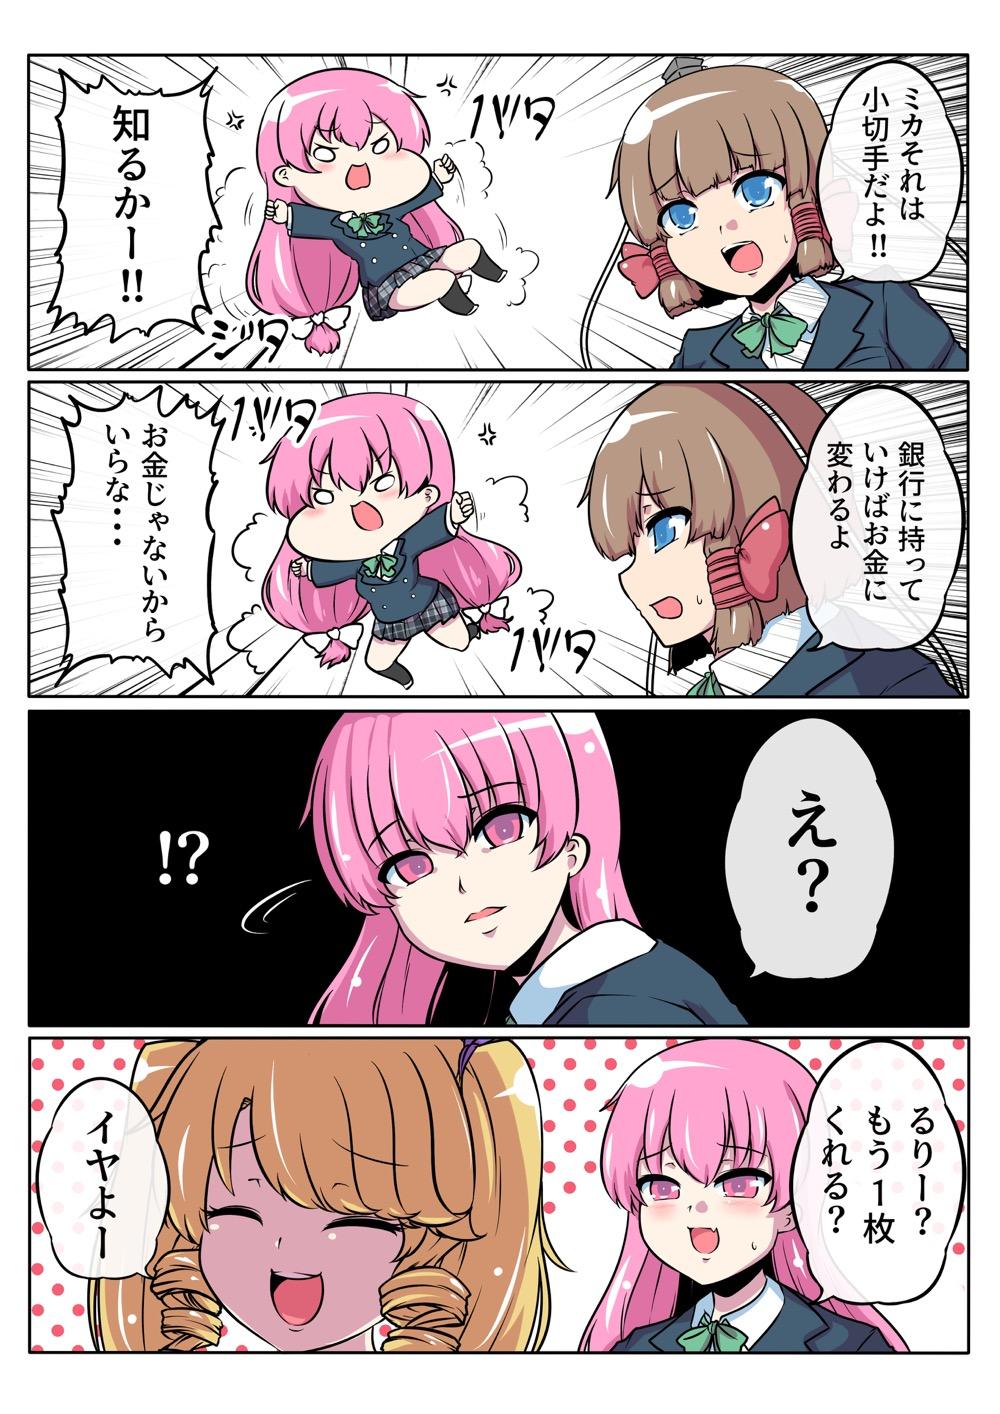 のーまねーがーる【第13話】漫画